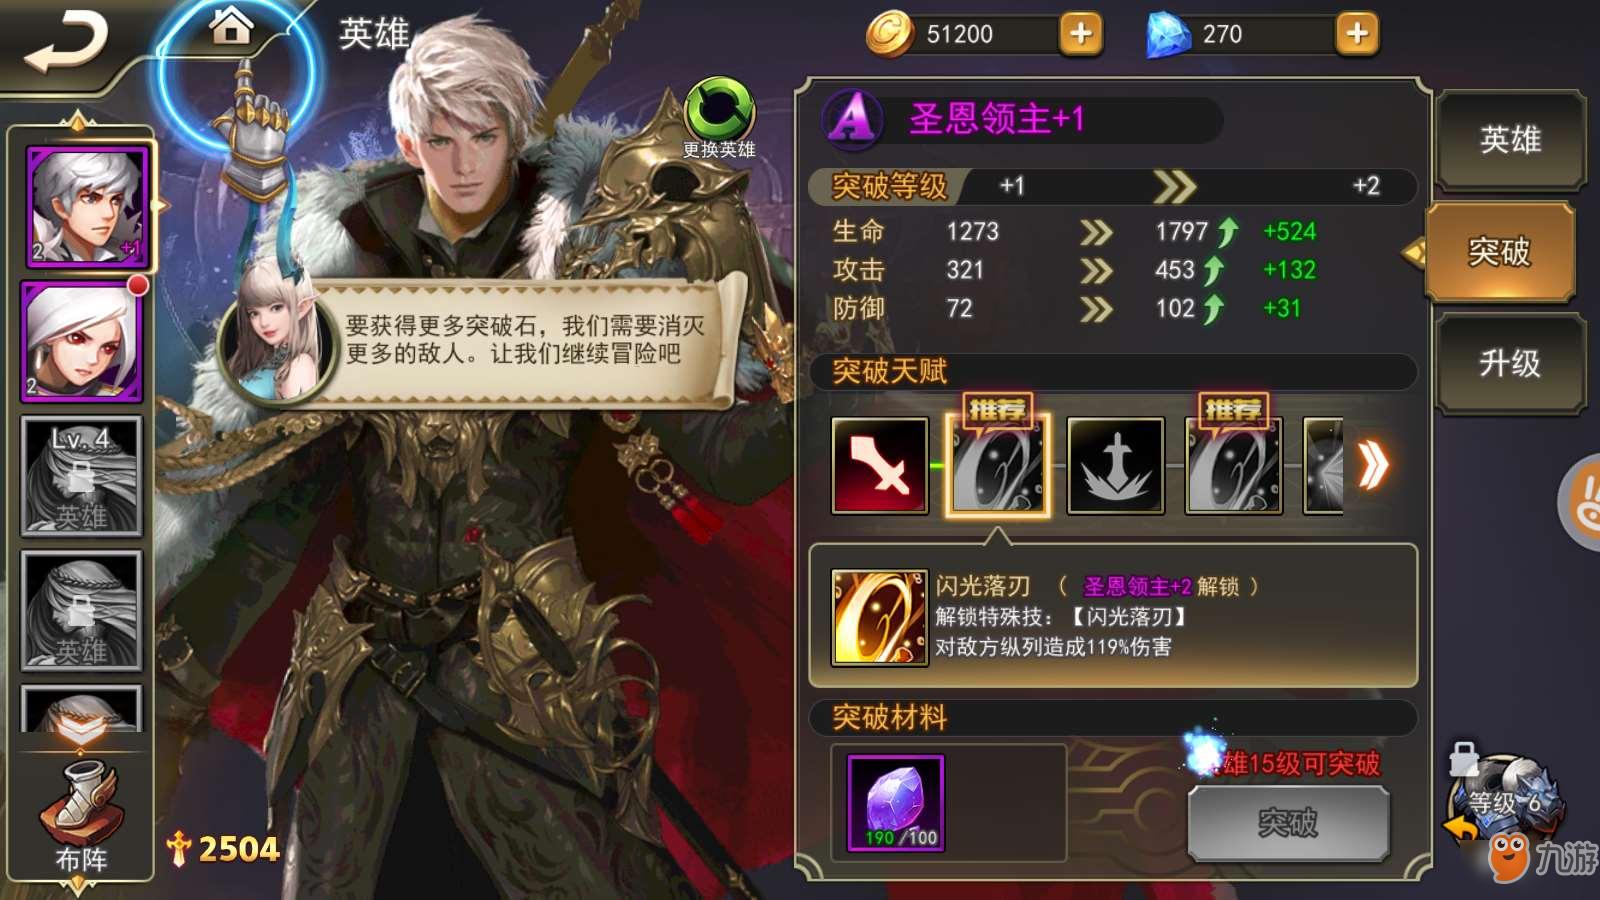 女神联盟2黑暗骑士技能有哪些 黑暗骑士技能一览